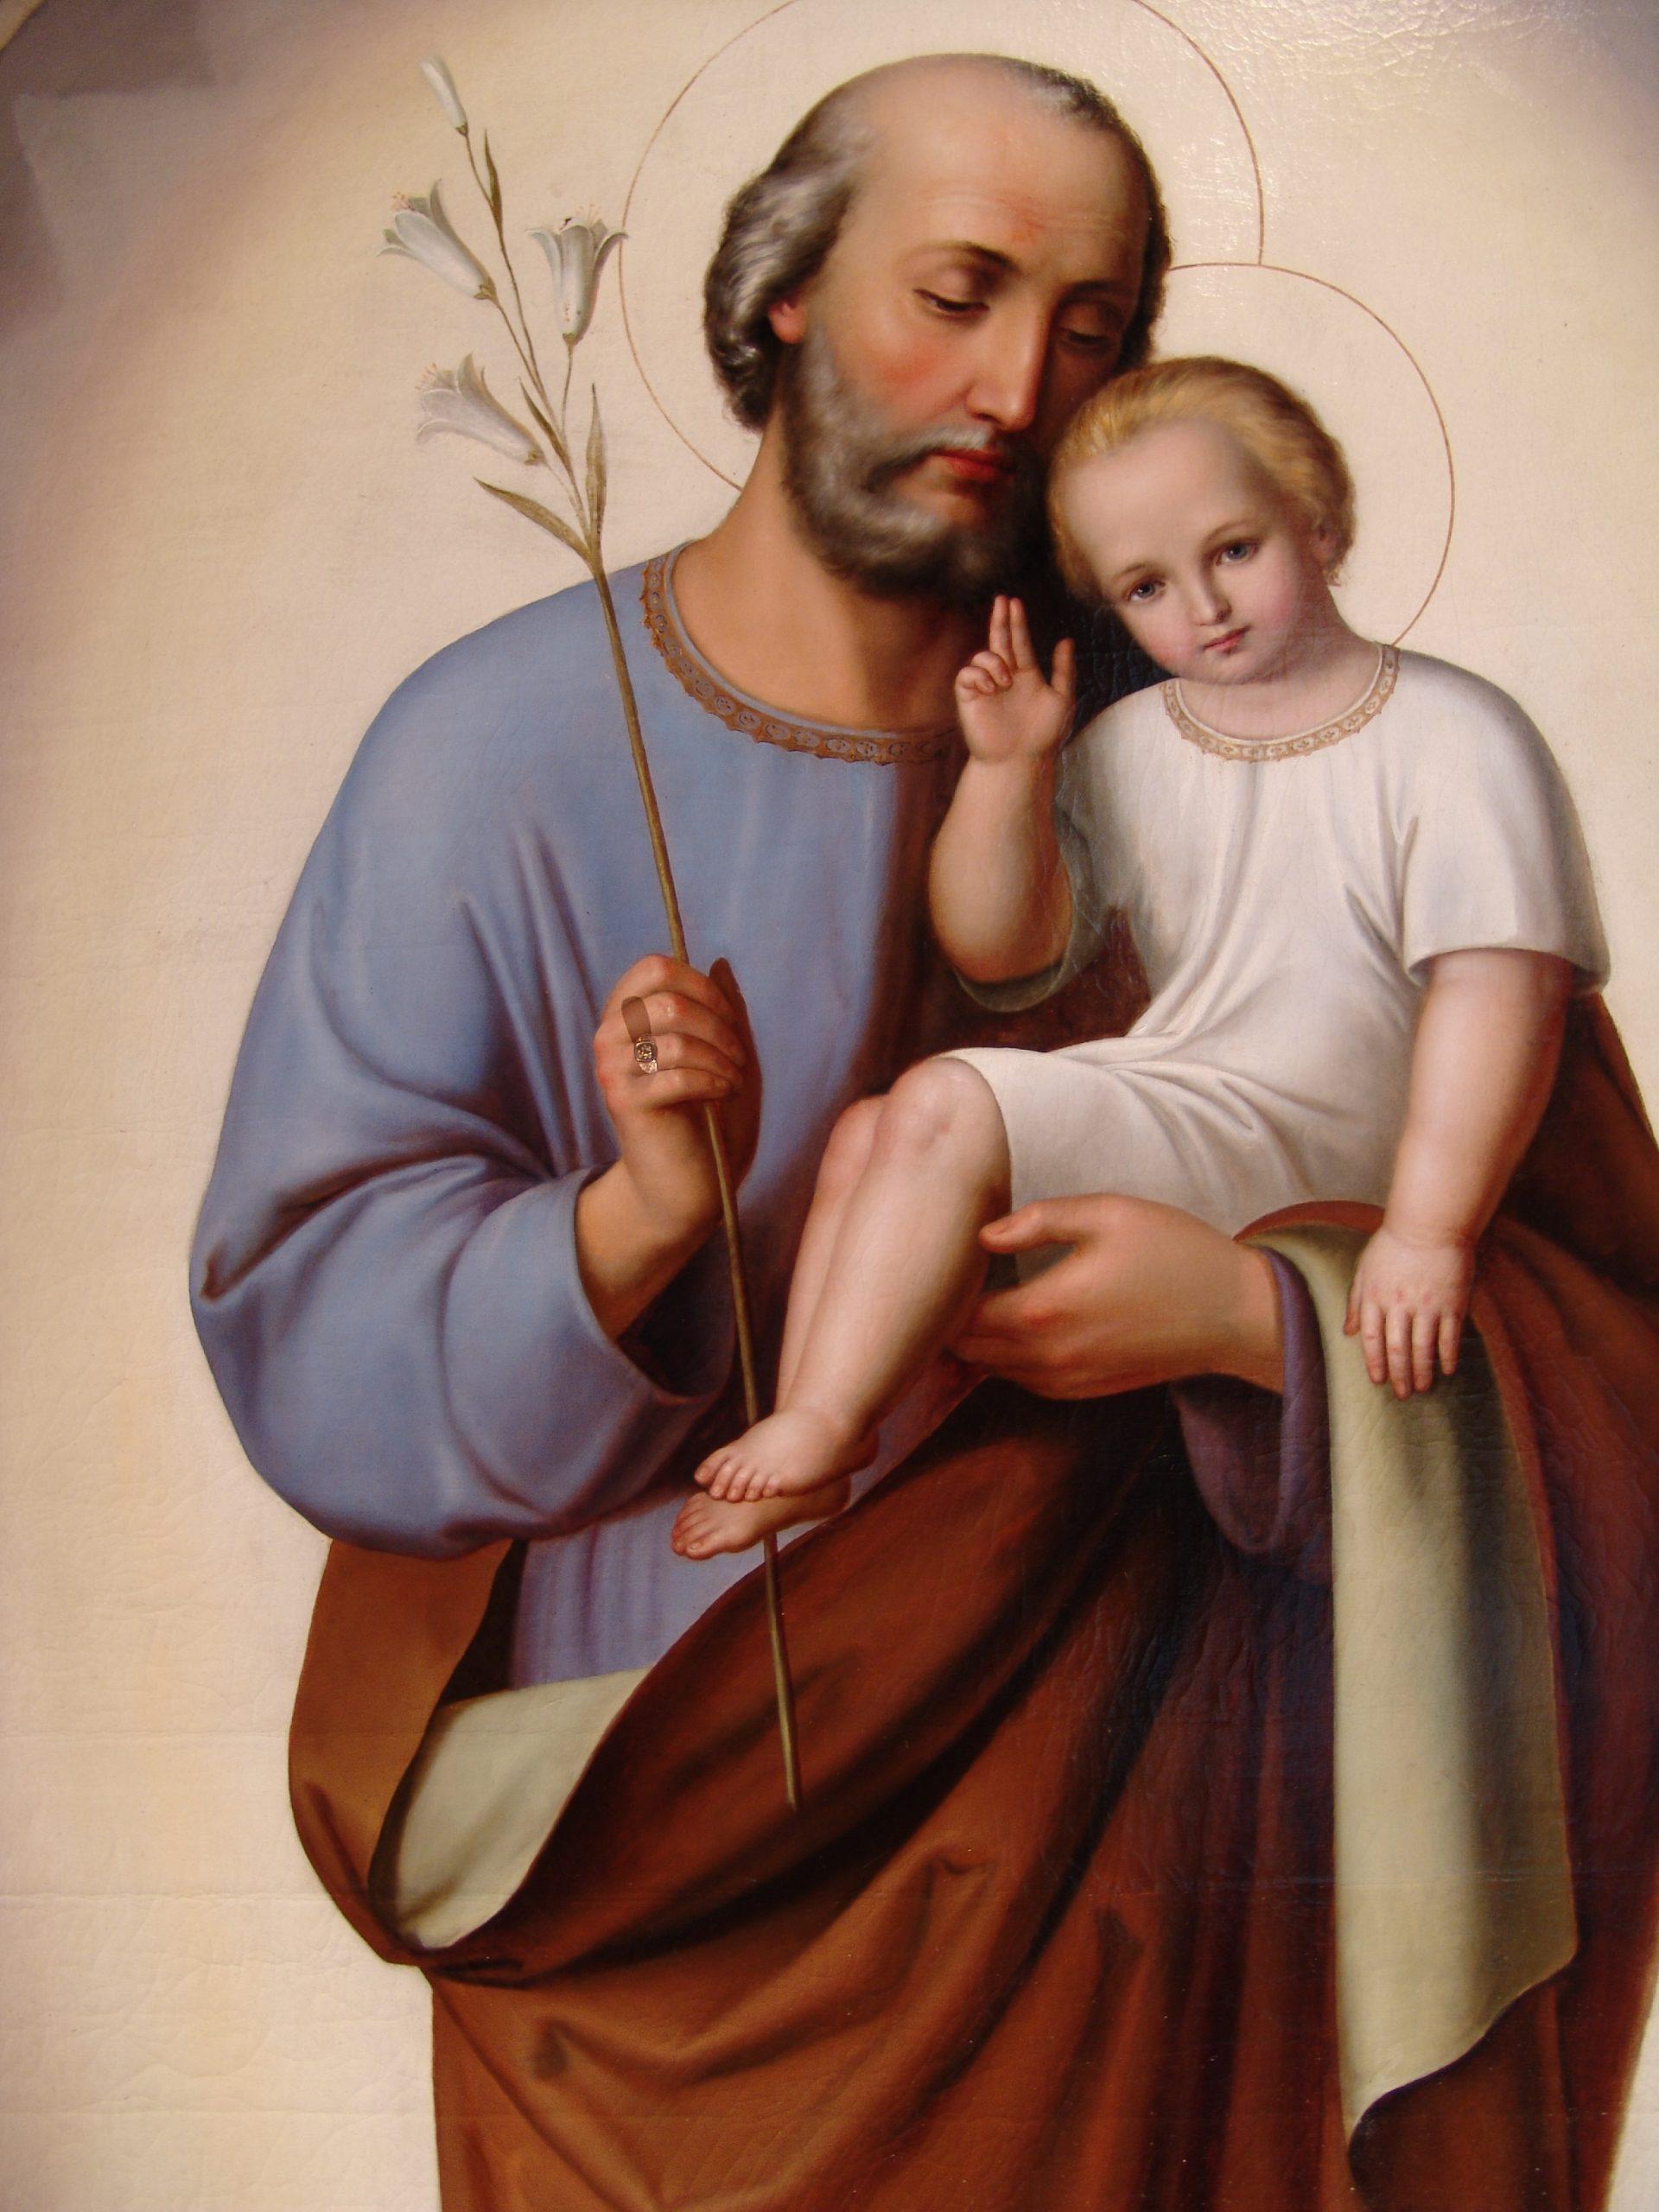 Cudowny obraz św. Józefa